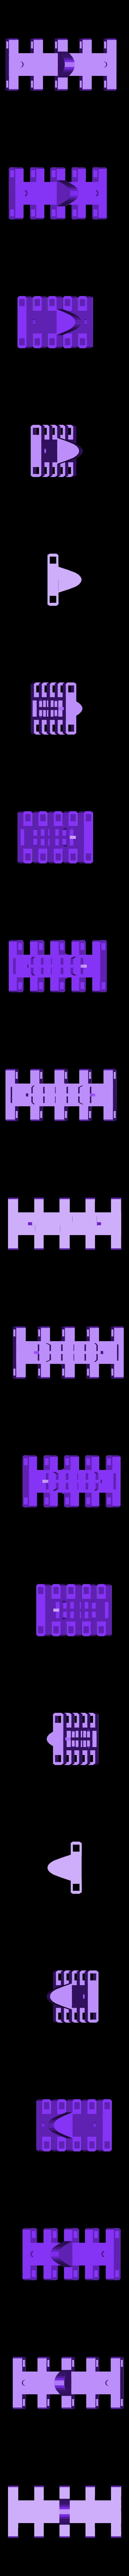 T-34-76 - track_2.stl Télécharger fichier STL T-34/76 pour l'assemblage, avec voies mobiles • Objet pour imprimante 3D, c47